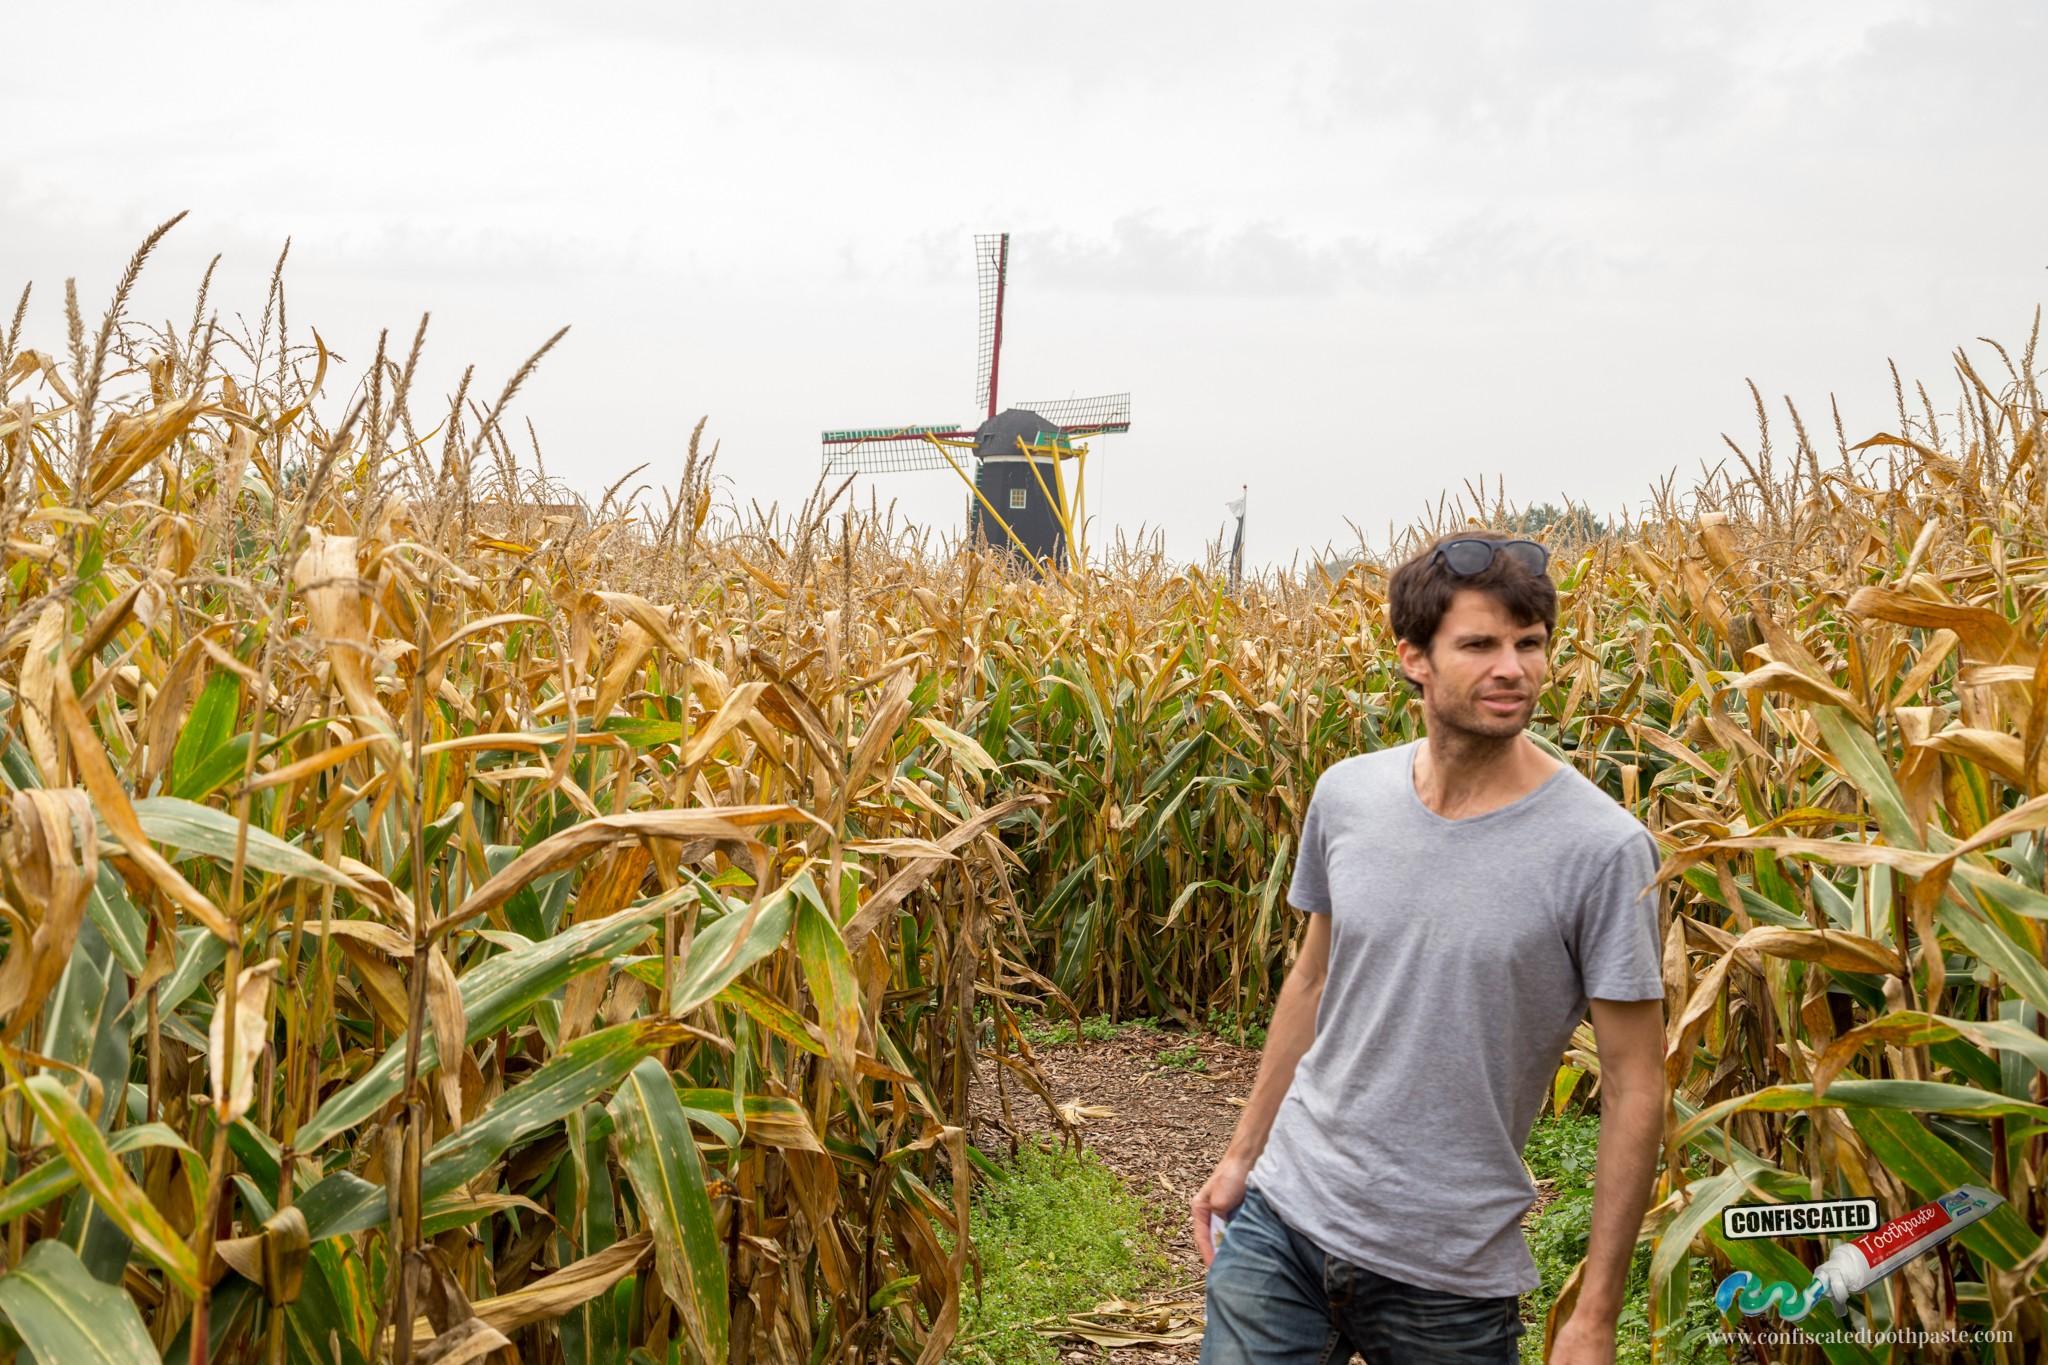 Lost in a Dutch cornfield